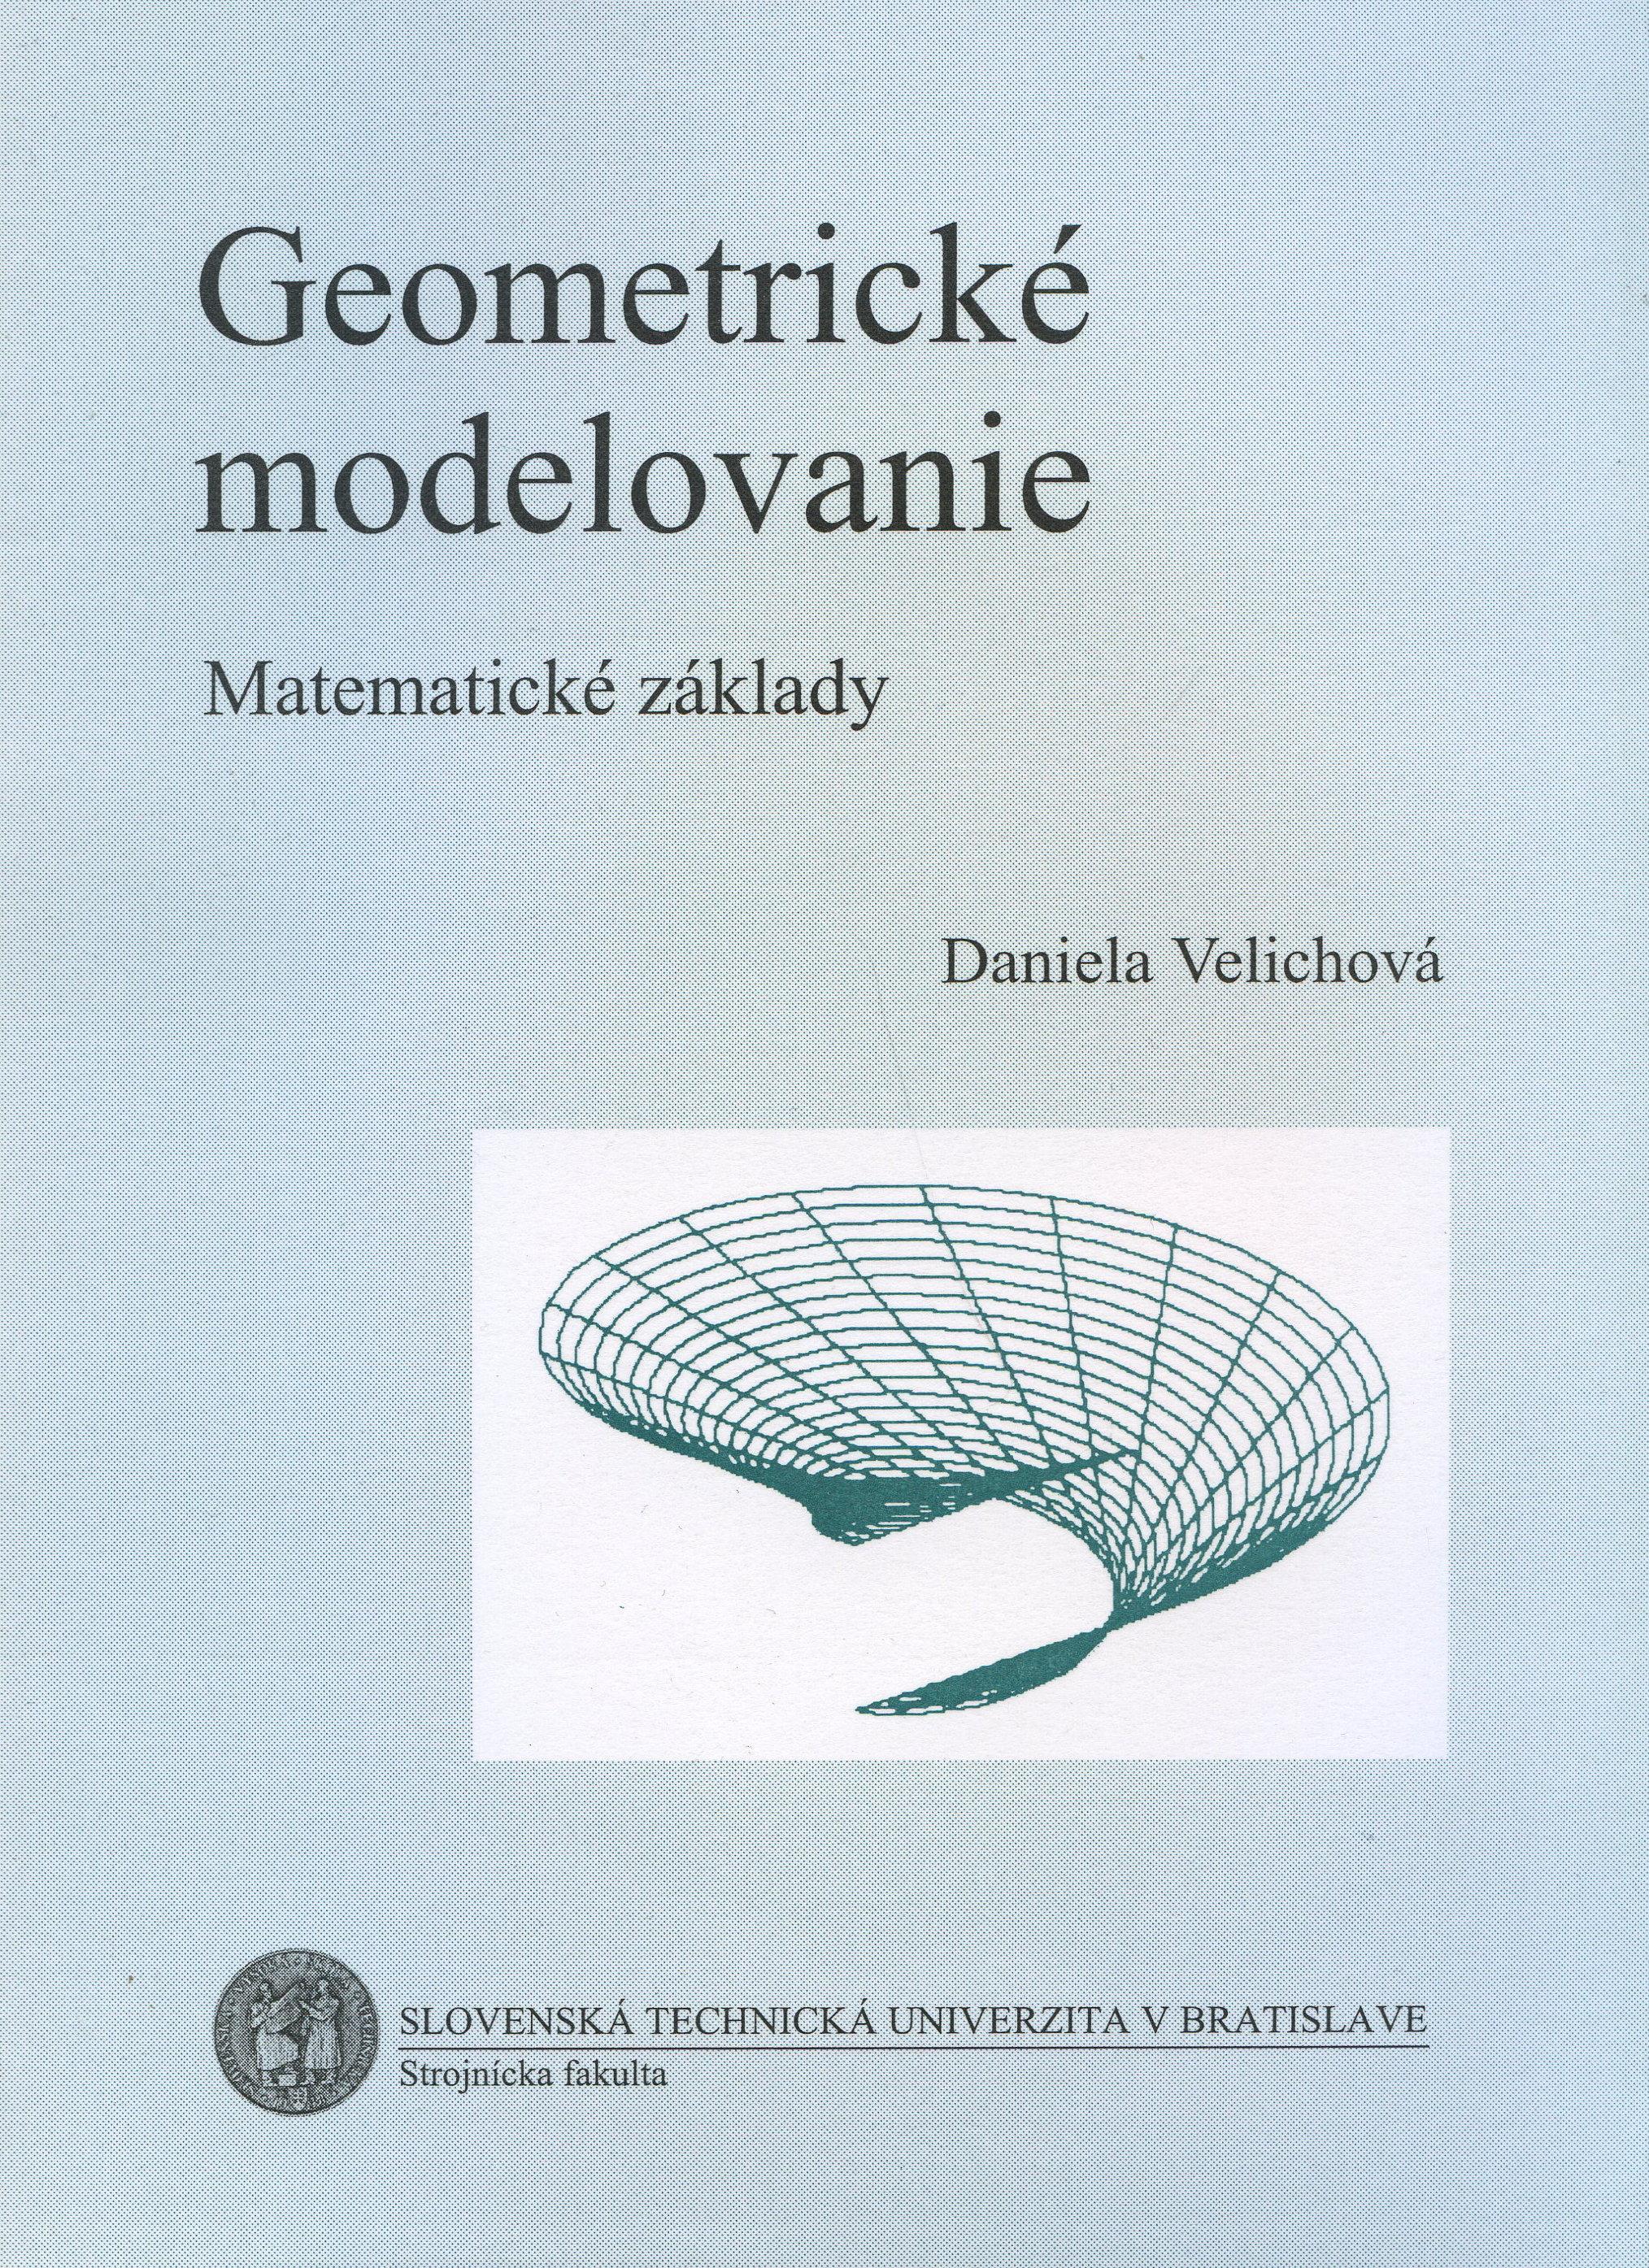 Geometrické modelovanie